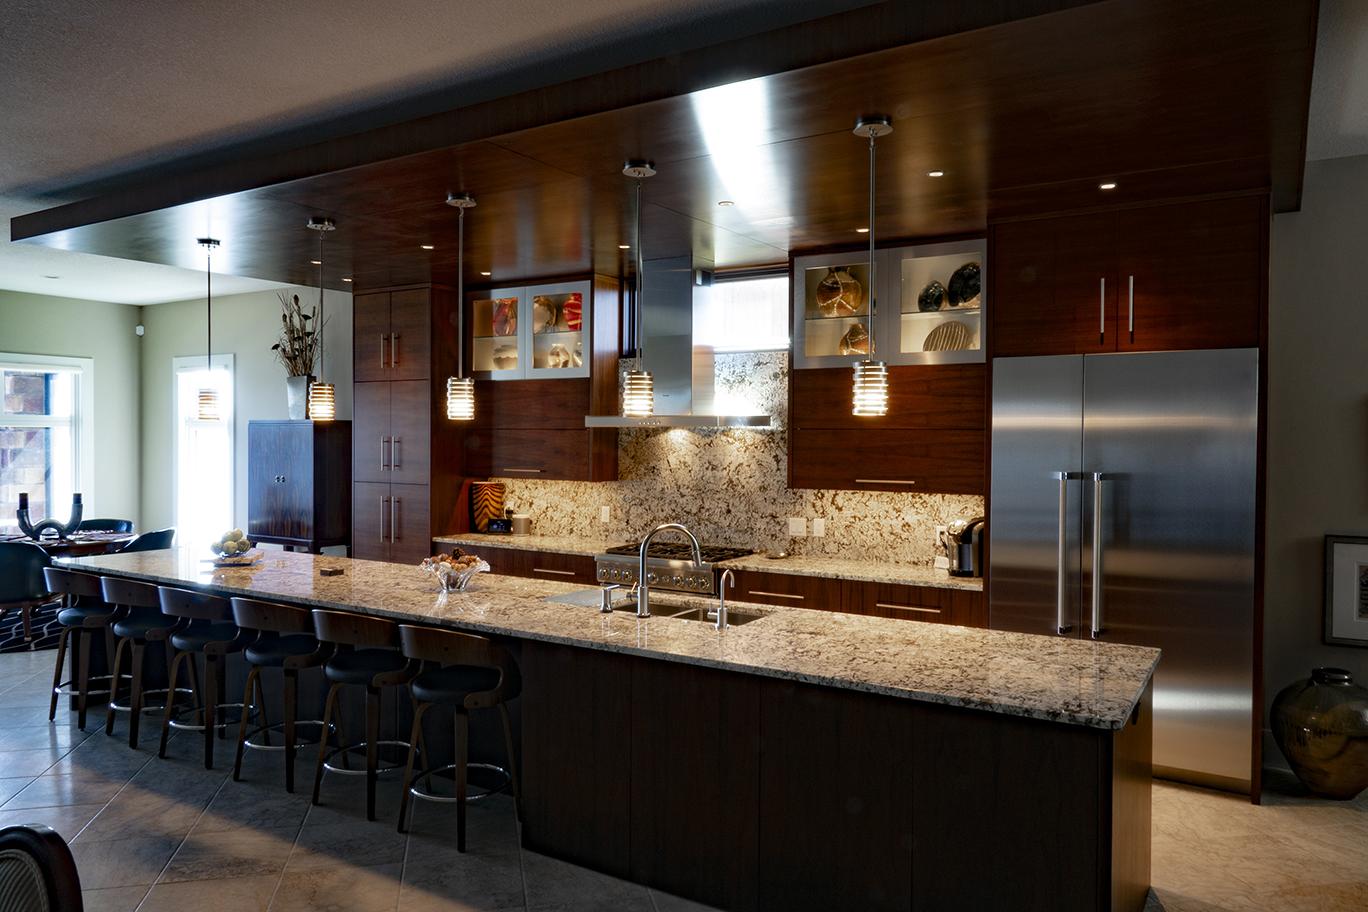 shaffner kitchen